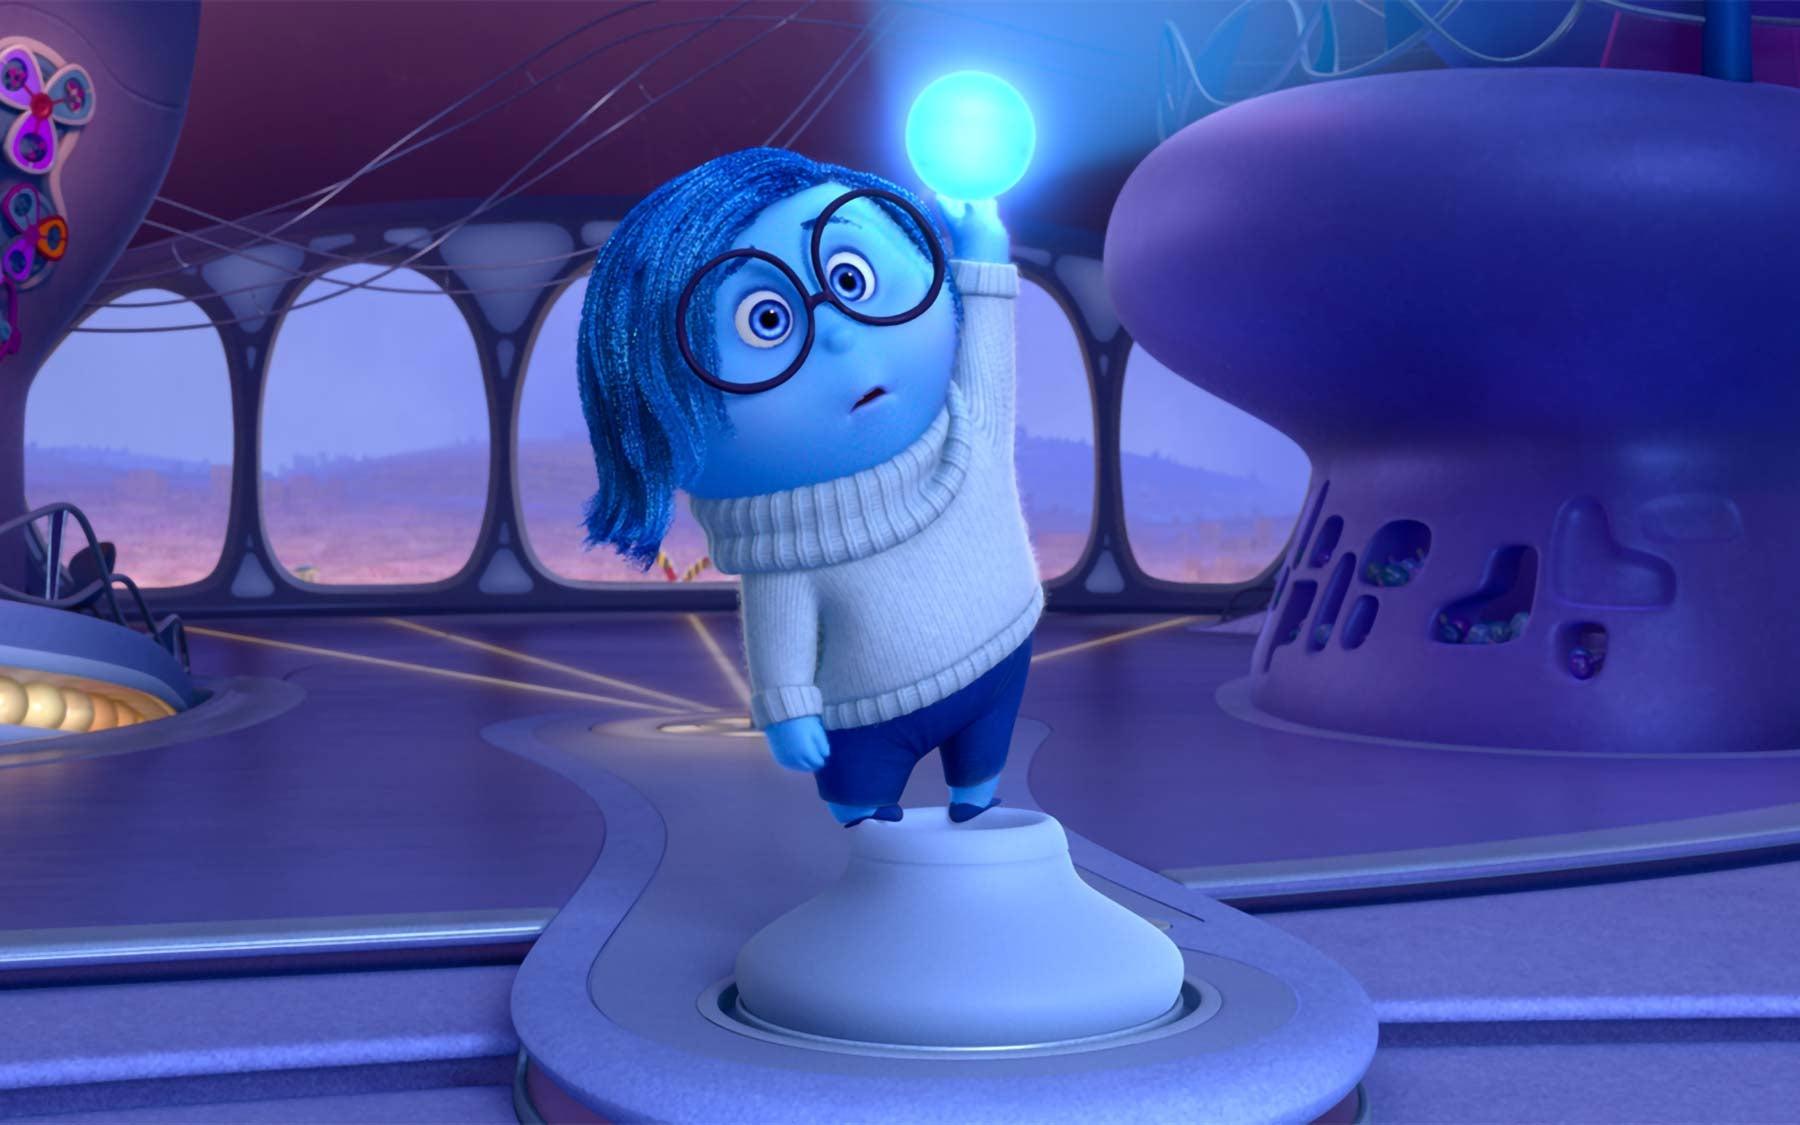 inside out movie still - Pixar